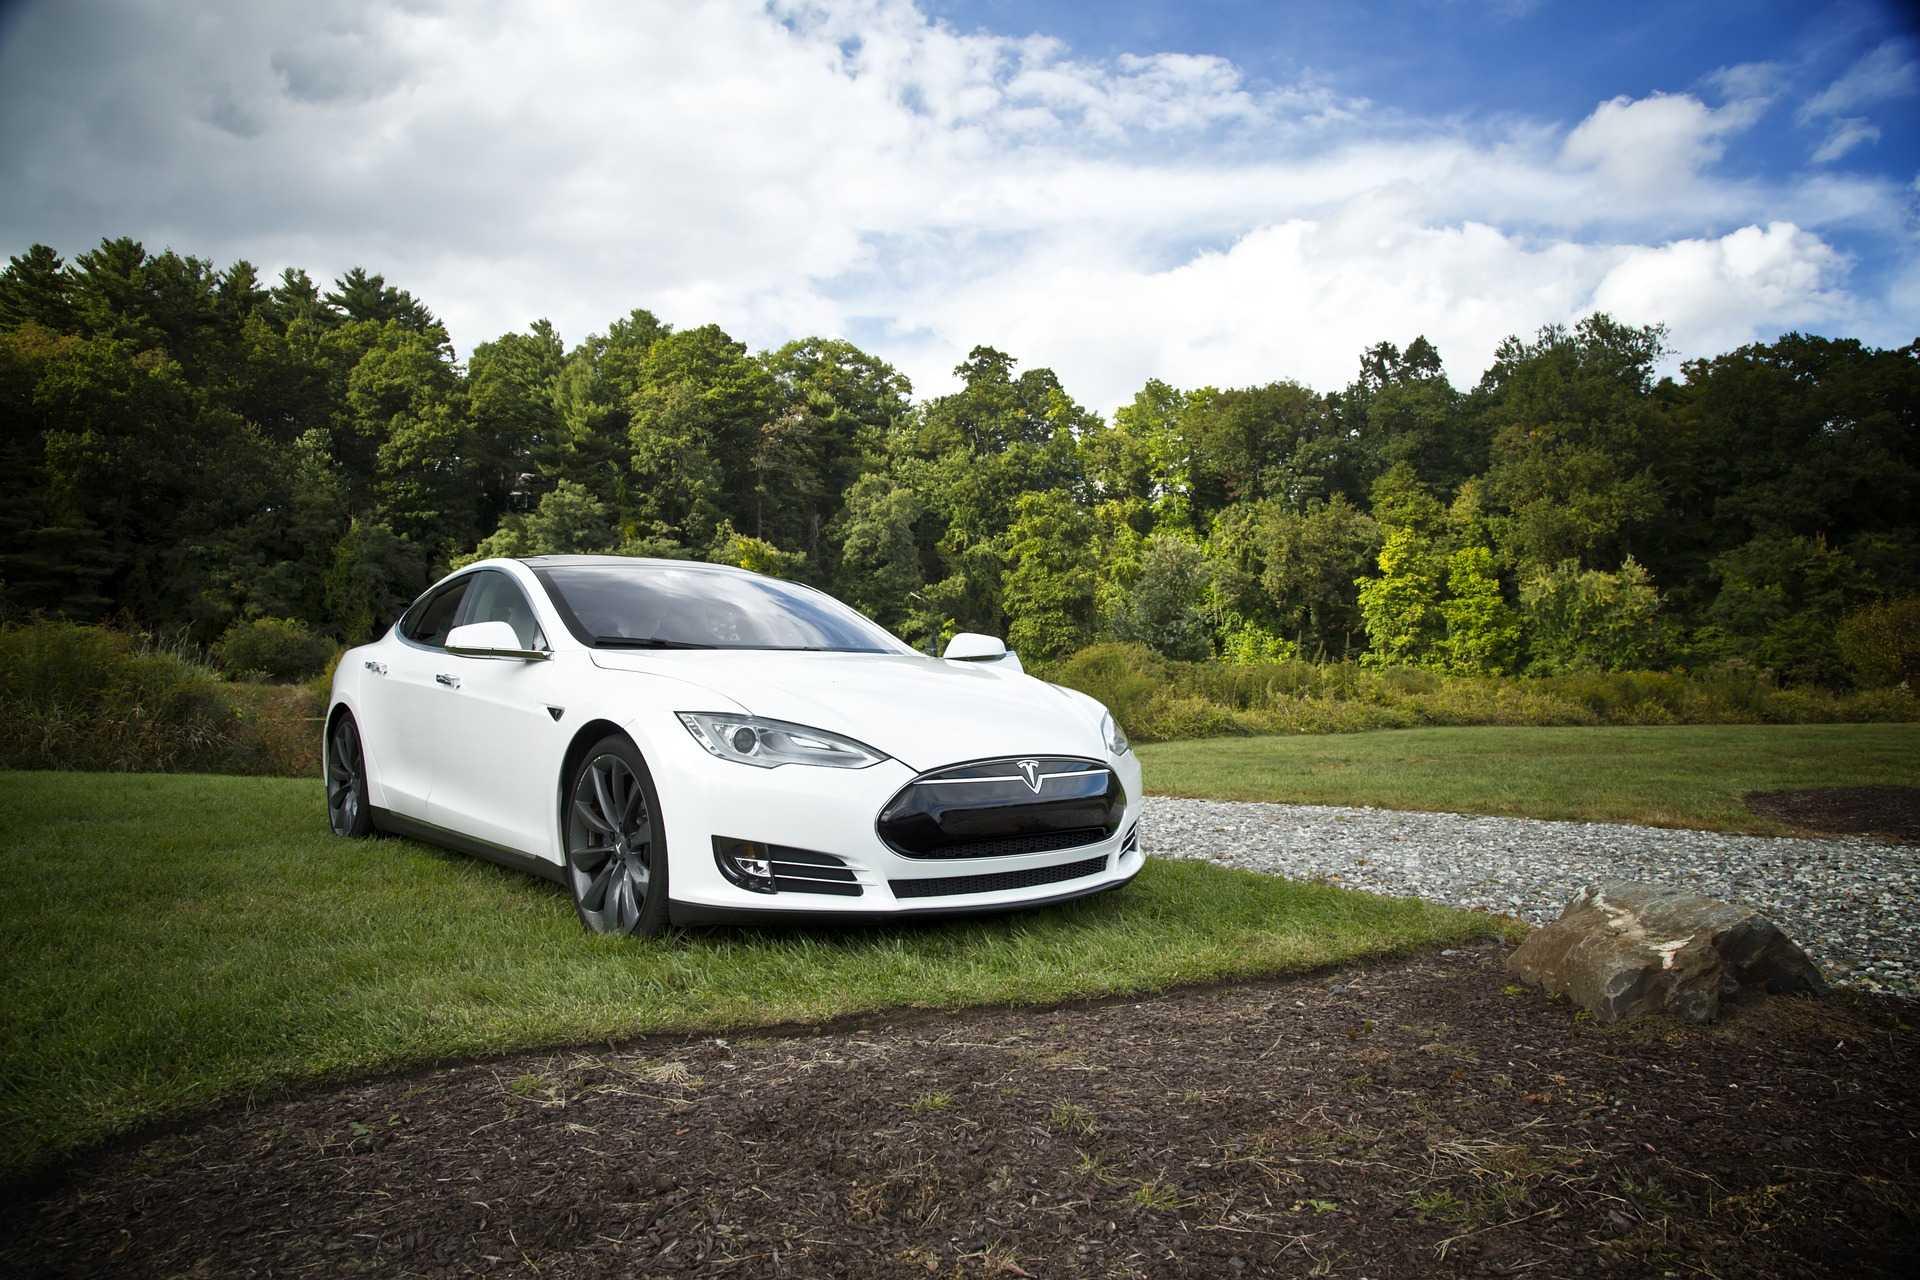 Tesla Model 3 : le mode sentinelle permet de retrouver l'auteure d'un acte de vandalisme sur la voiture d'Elon Musk